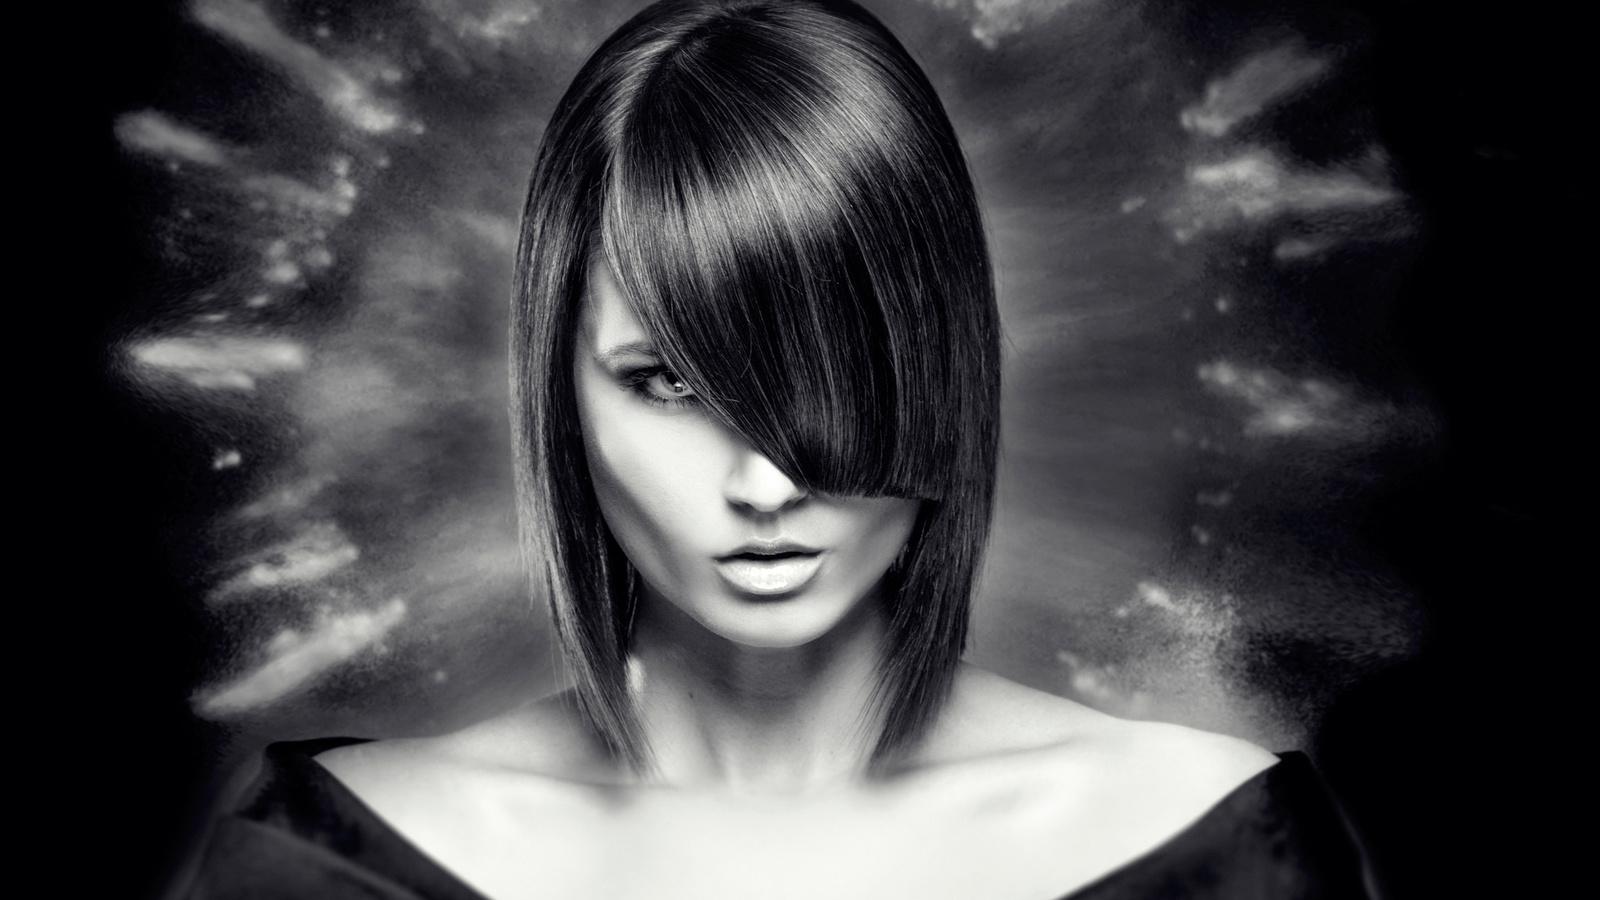 девушка, белье, красотка, портрет, крупно, лицо, взгляд, карэ, черно-белое